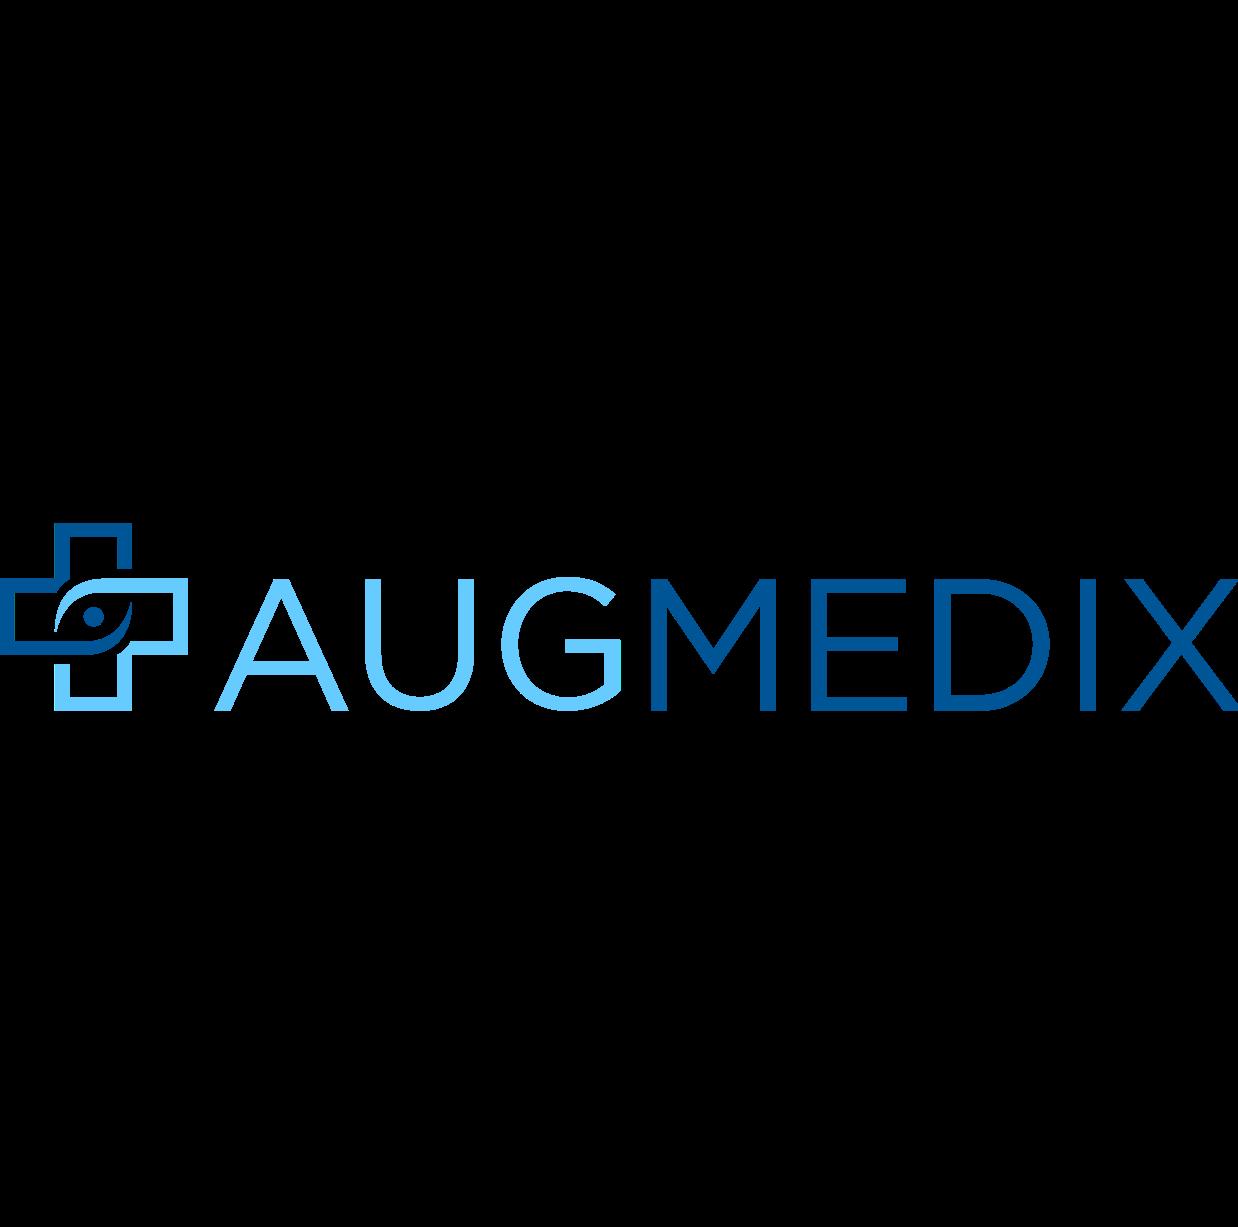 https://assets.roar.media/assets/97bzDwctXWevQpCW_Augmedix-(1)mn.png